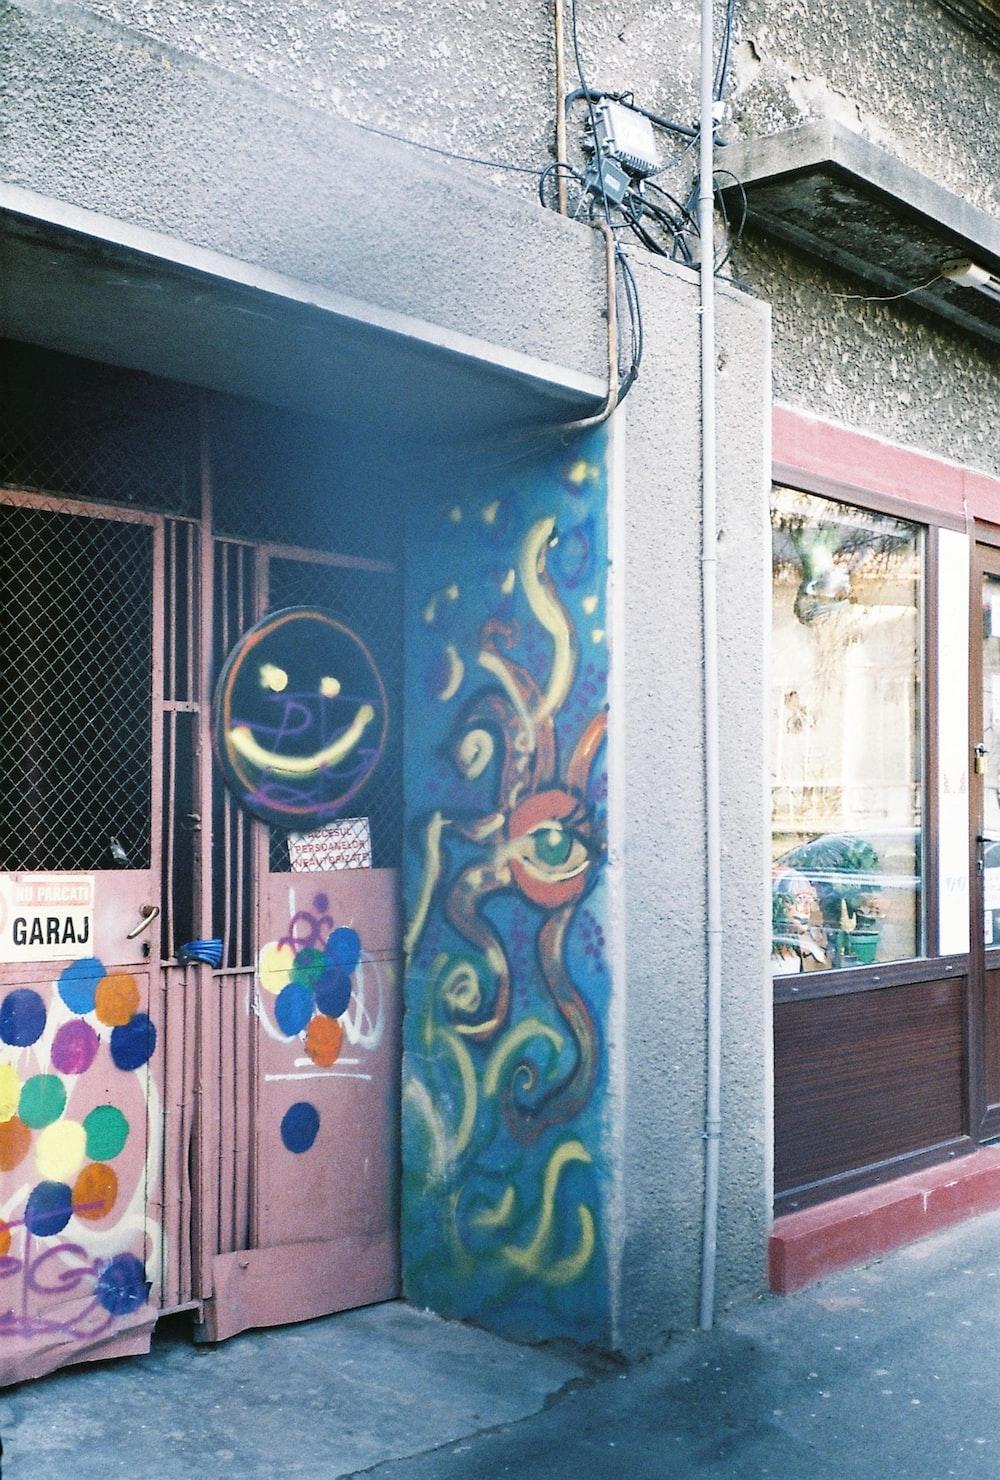 blue and yellow graffiti on wall